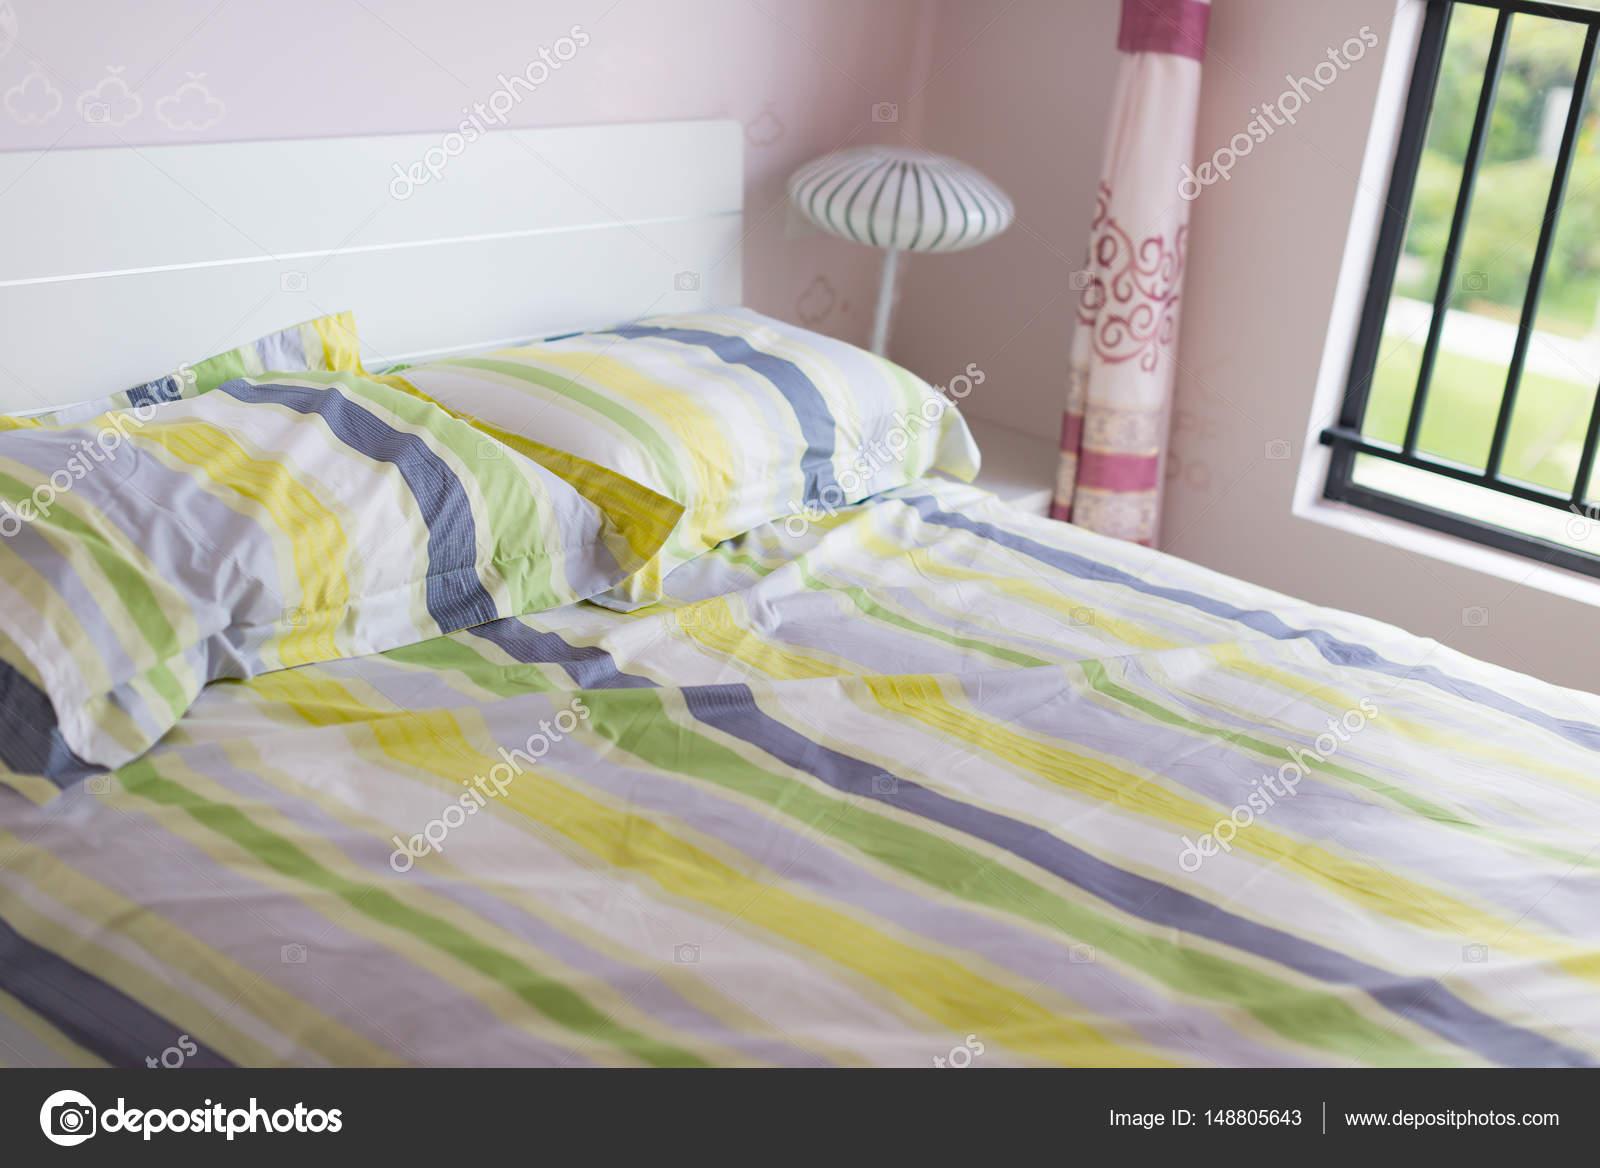 letto con cuscini in una camera da letto — Foto Stock © FreerLaw ...